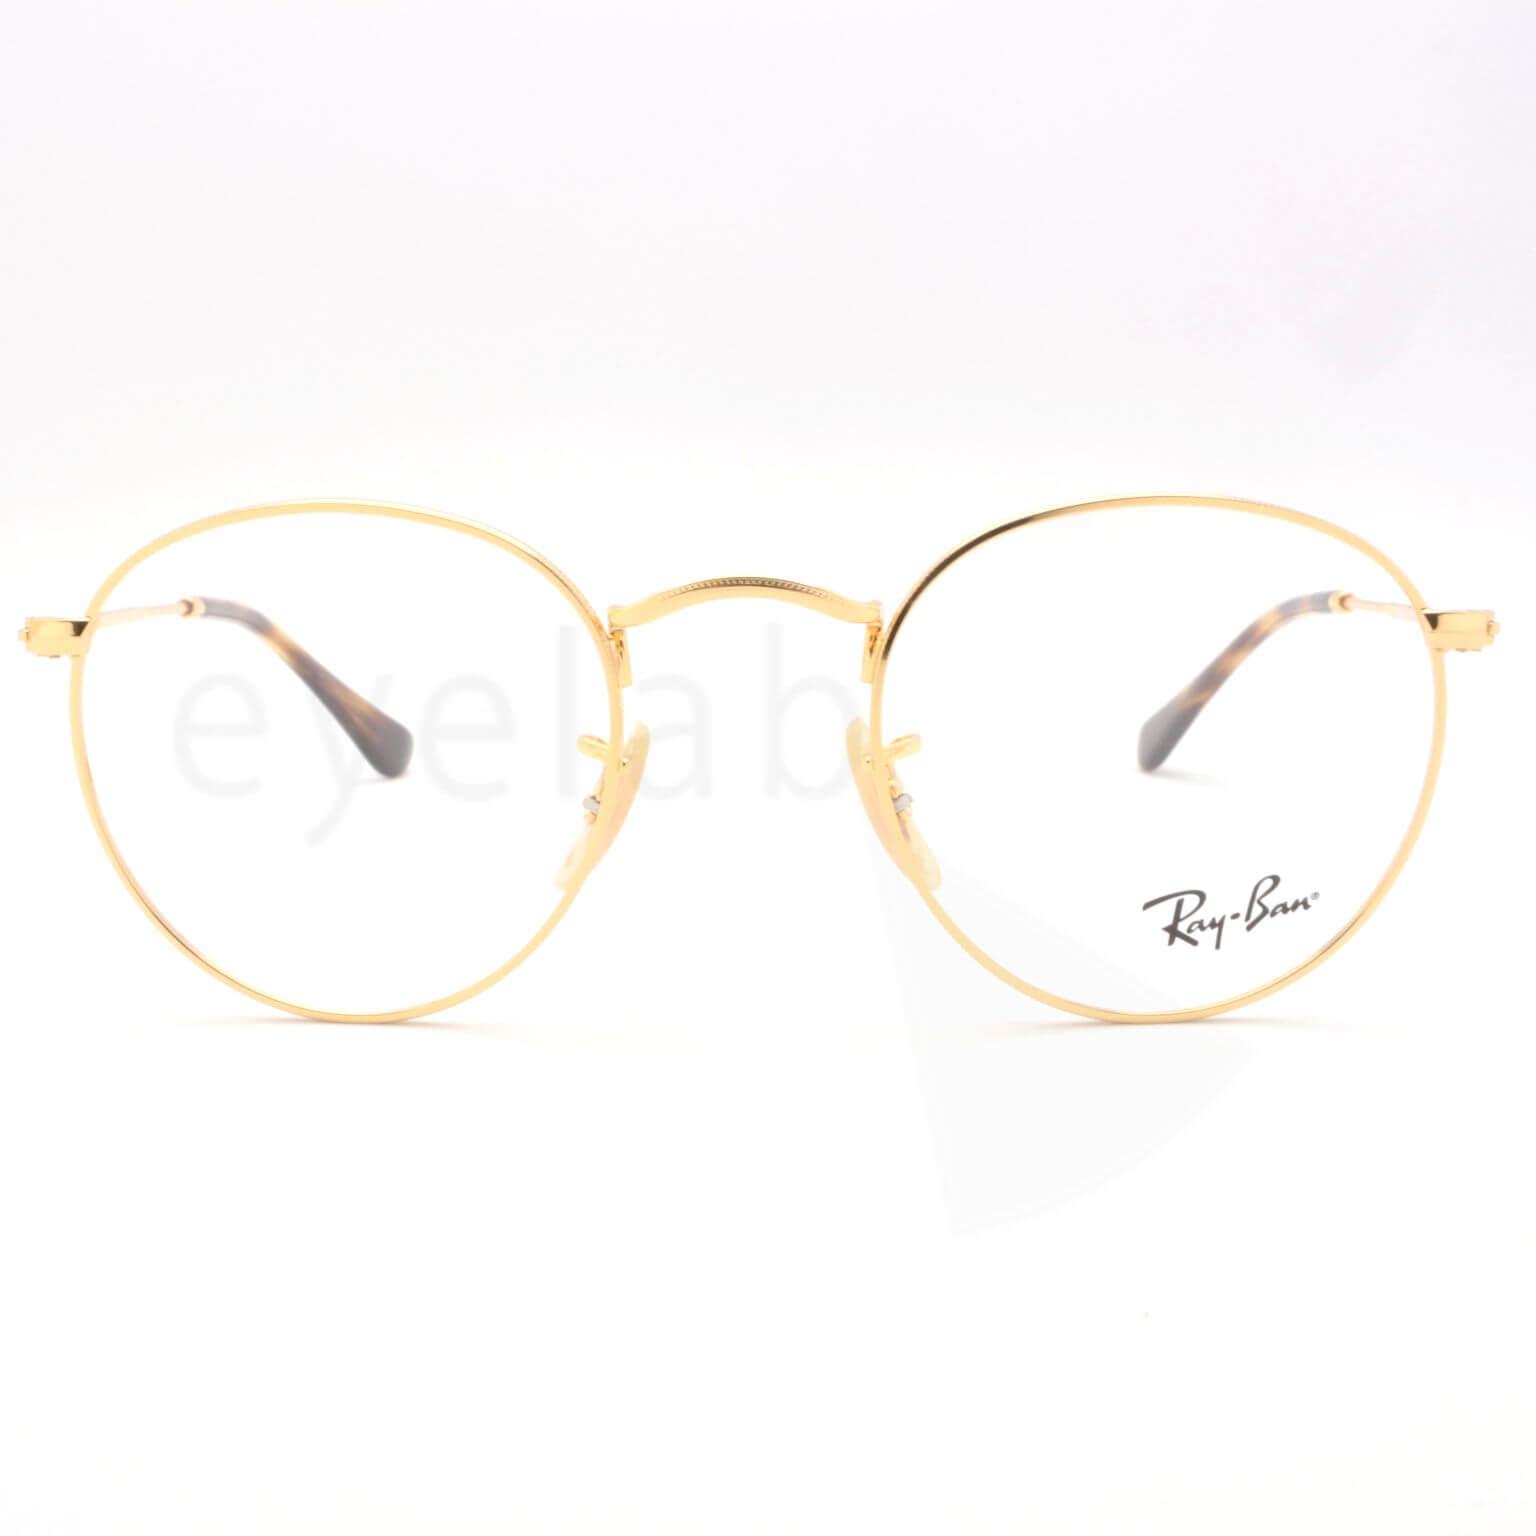 5805e8bfb4 Γυαλιά οράσεως Ray-Ban Round Metal 3447V 2500 ~ Οπτικά Eyelab